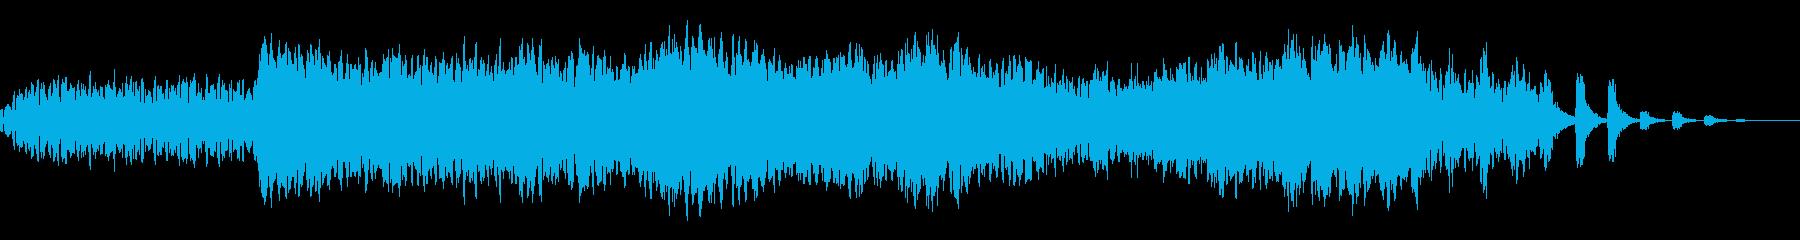 雪山、聖夜、オーロラをイメージした曲の再生済みの波形